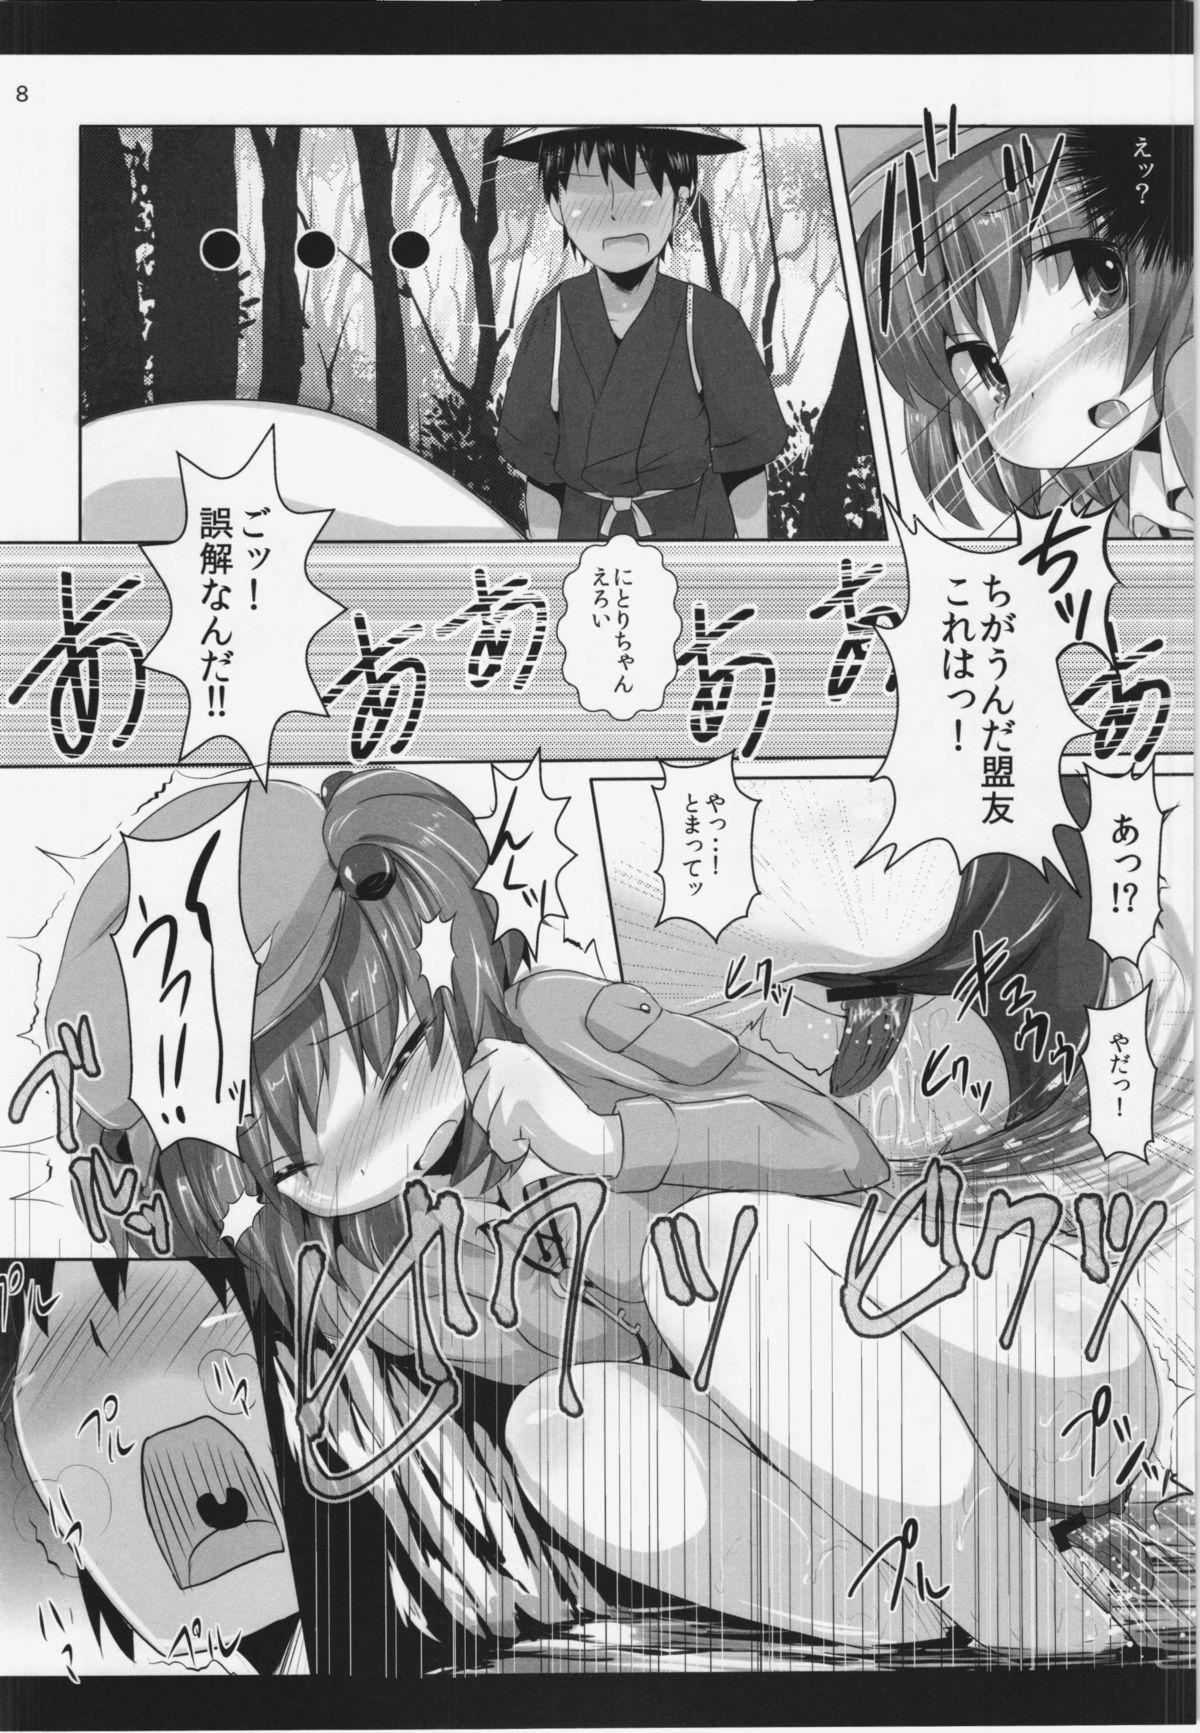 Kappa no Seitai 7